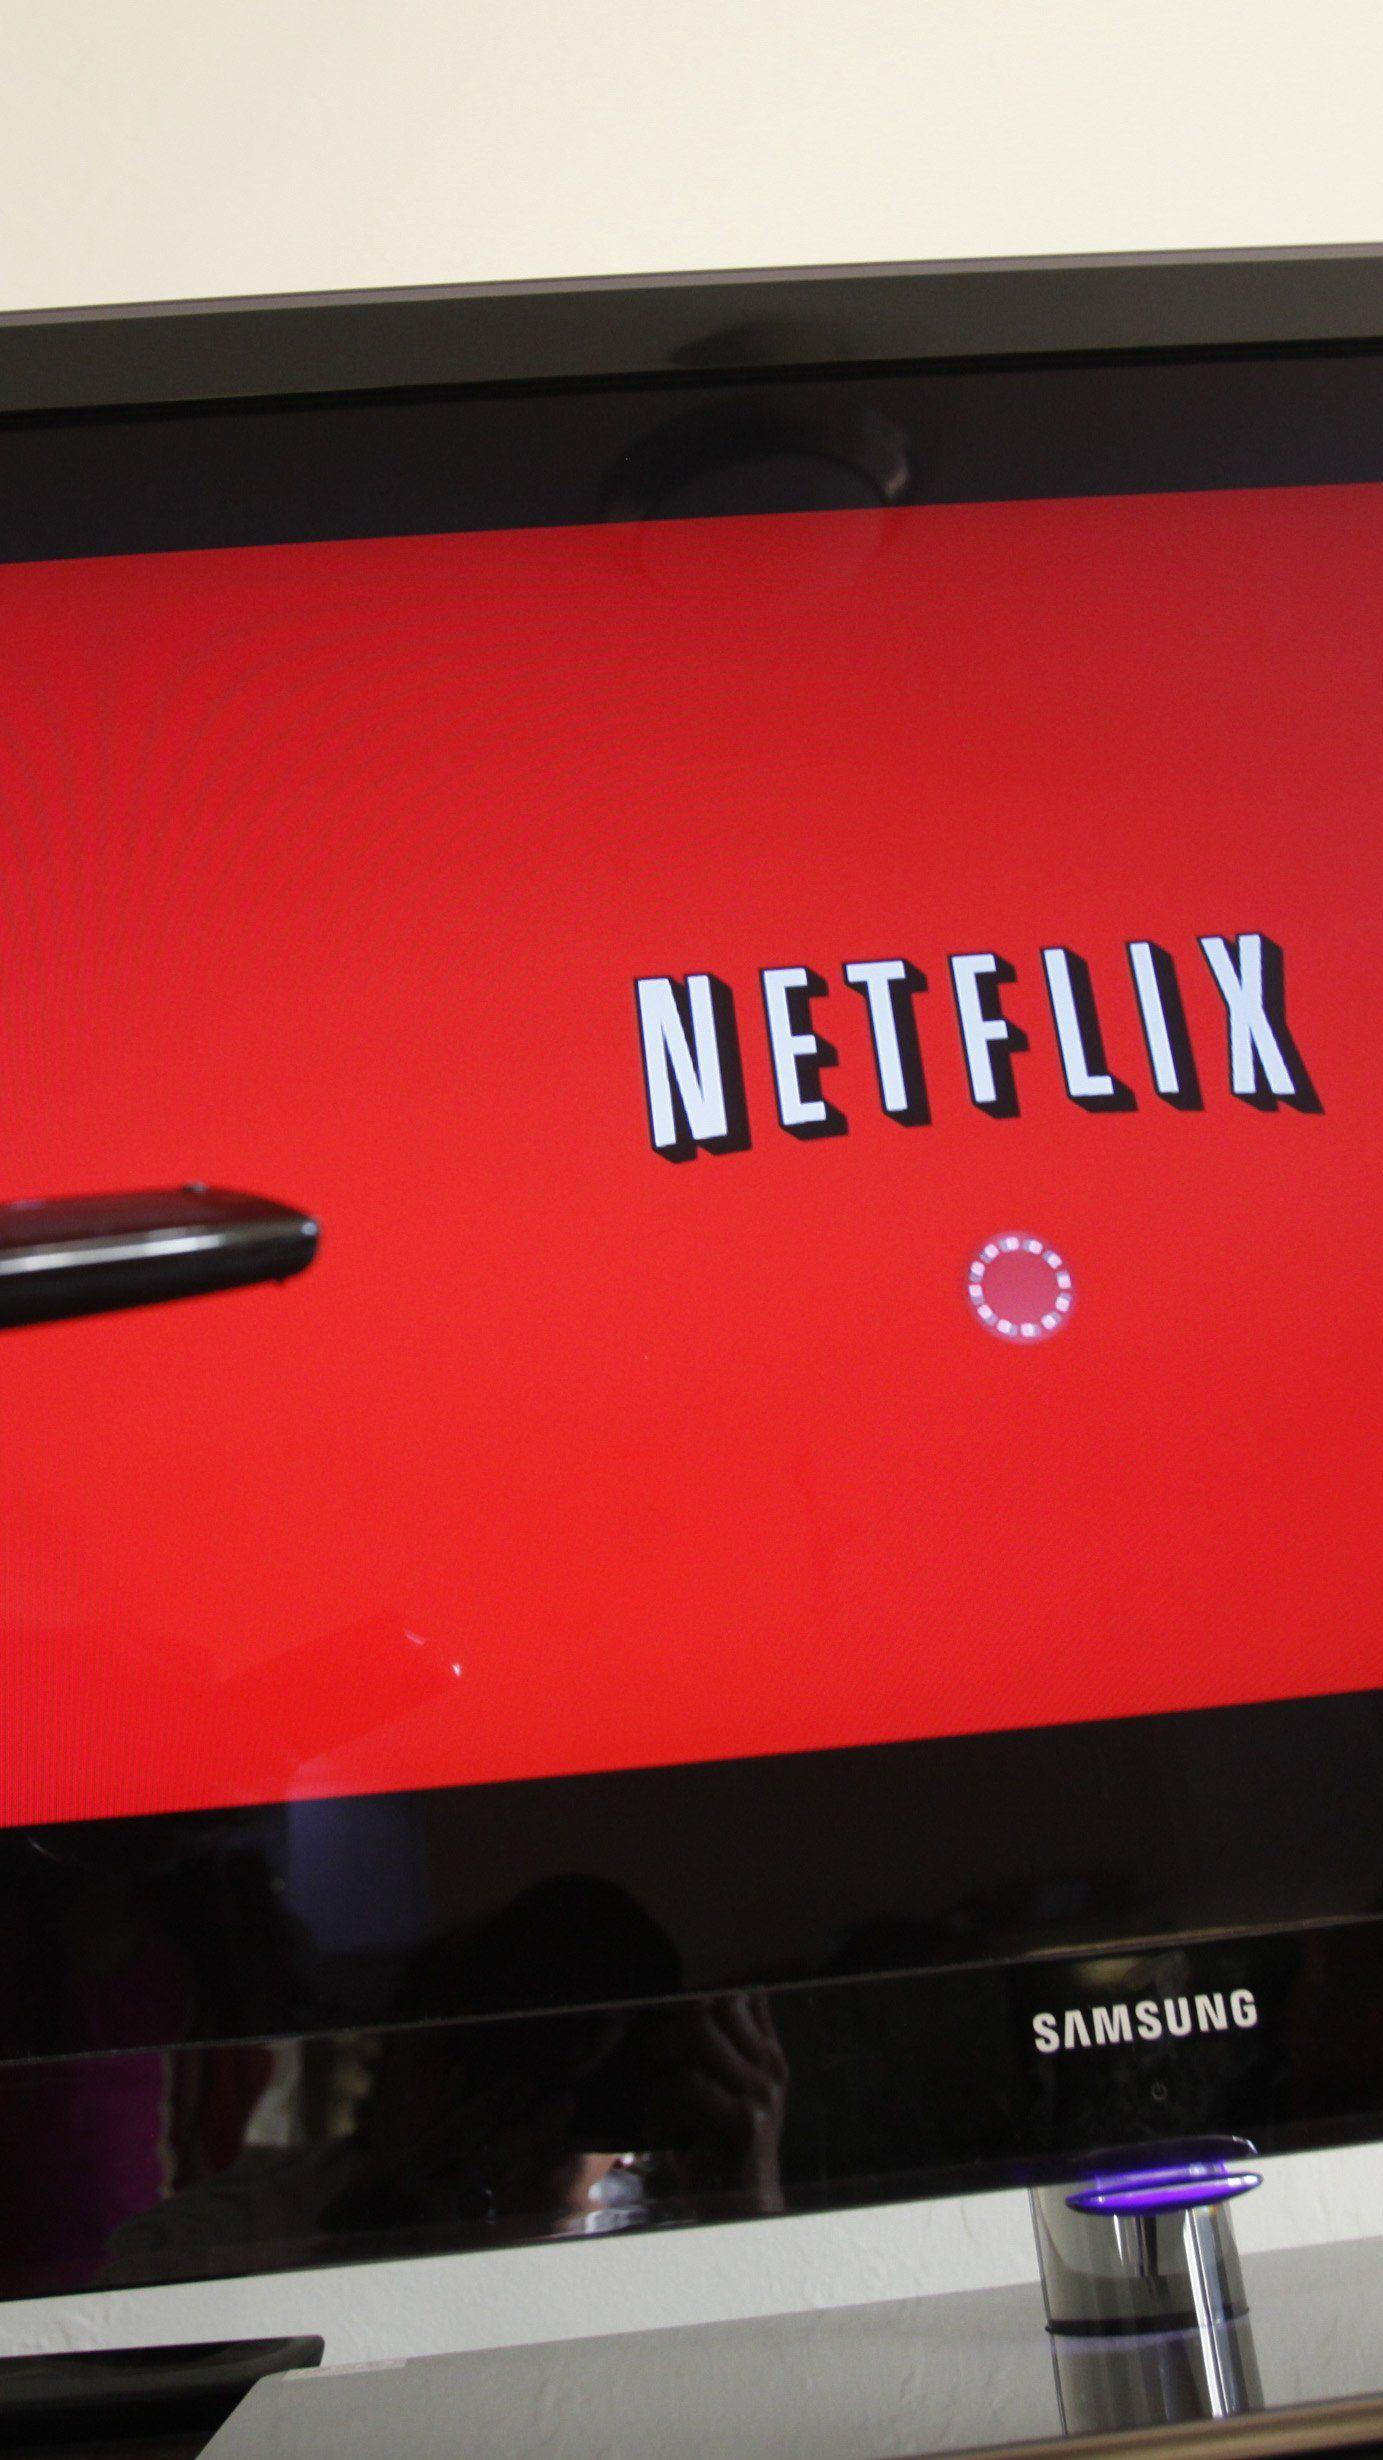 Videoanbieter Netflix: Launch-Event in Wien im September.